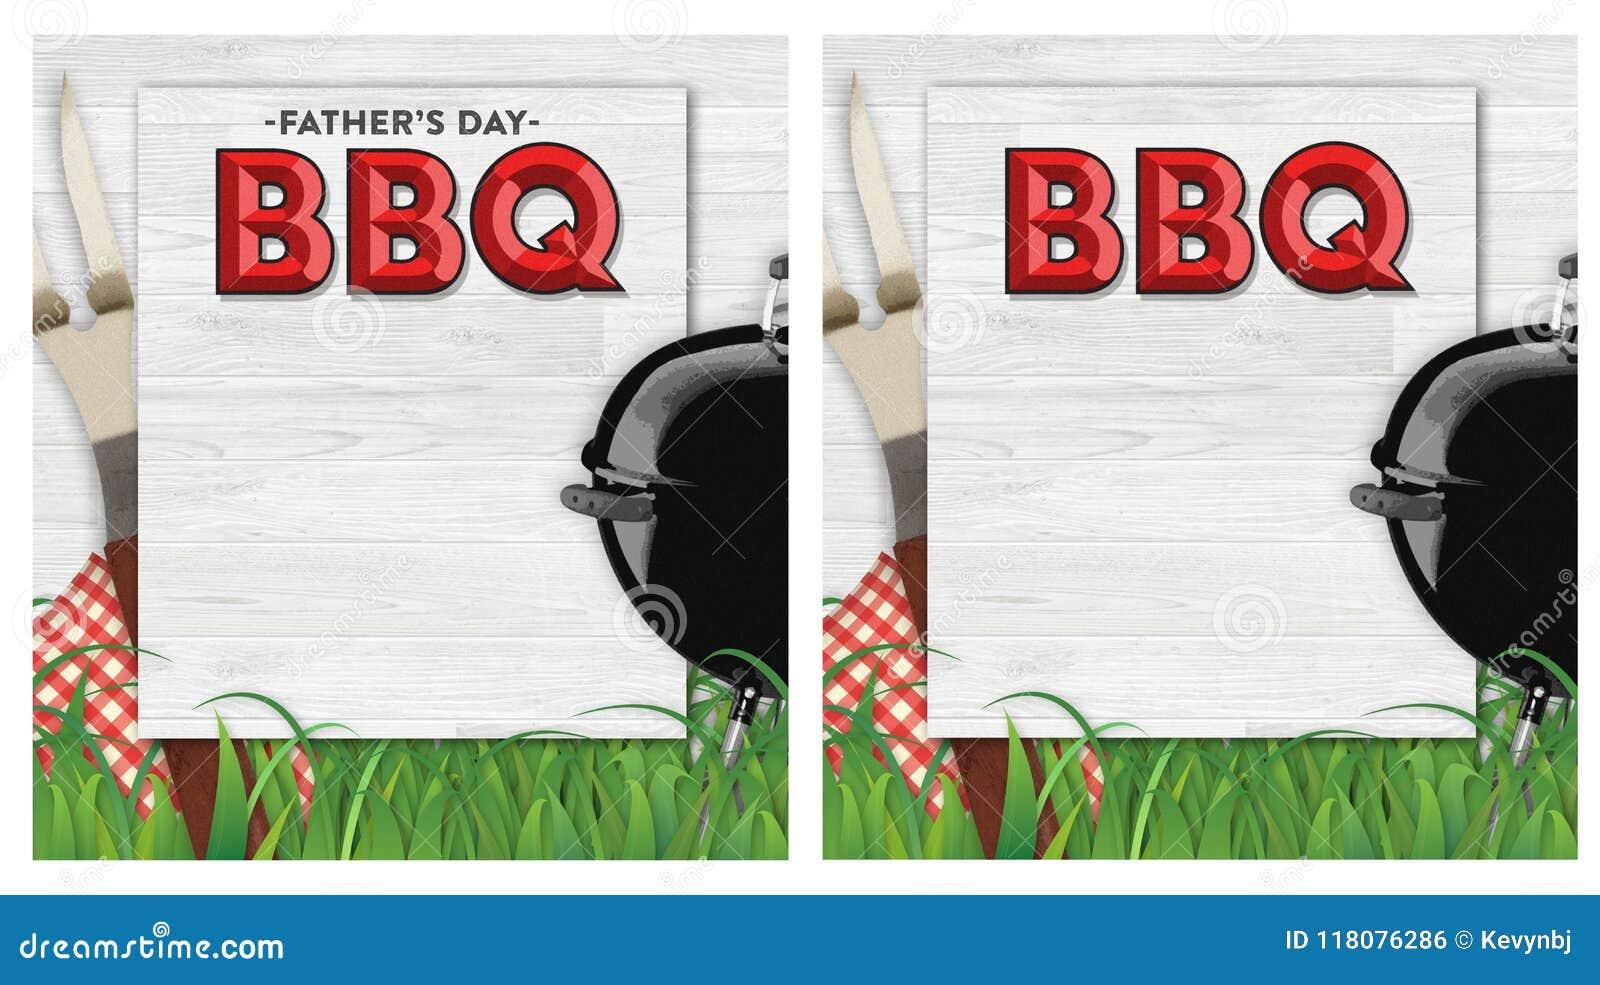 bbq cartoons  illustrations  u0026 vector stock images